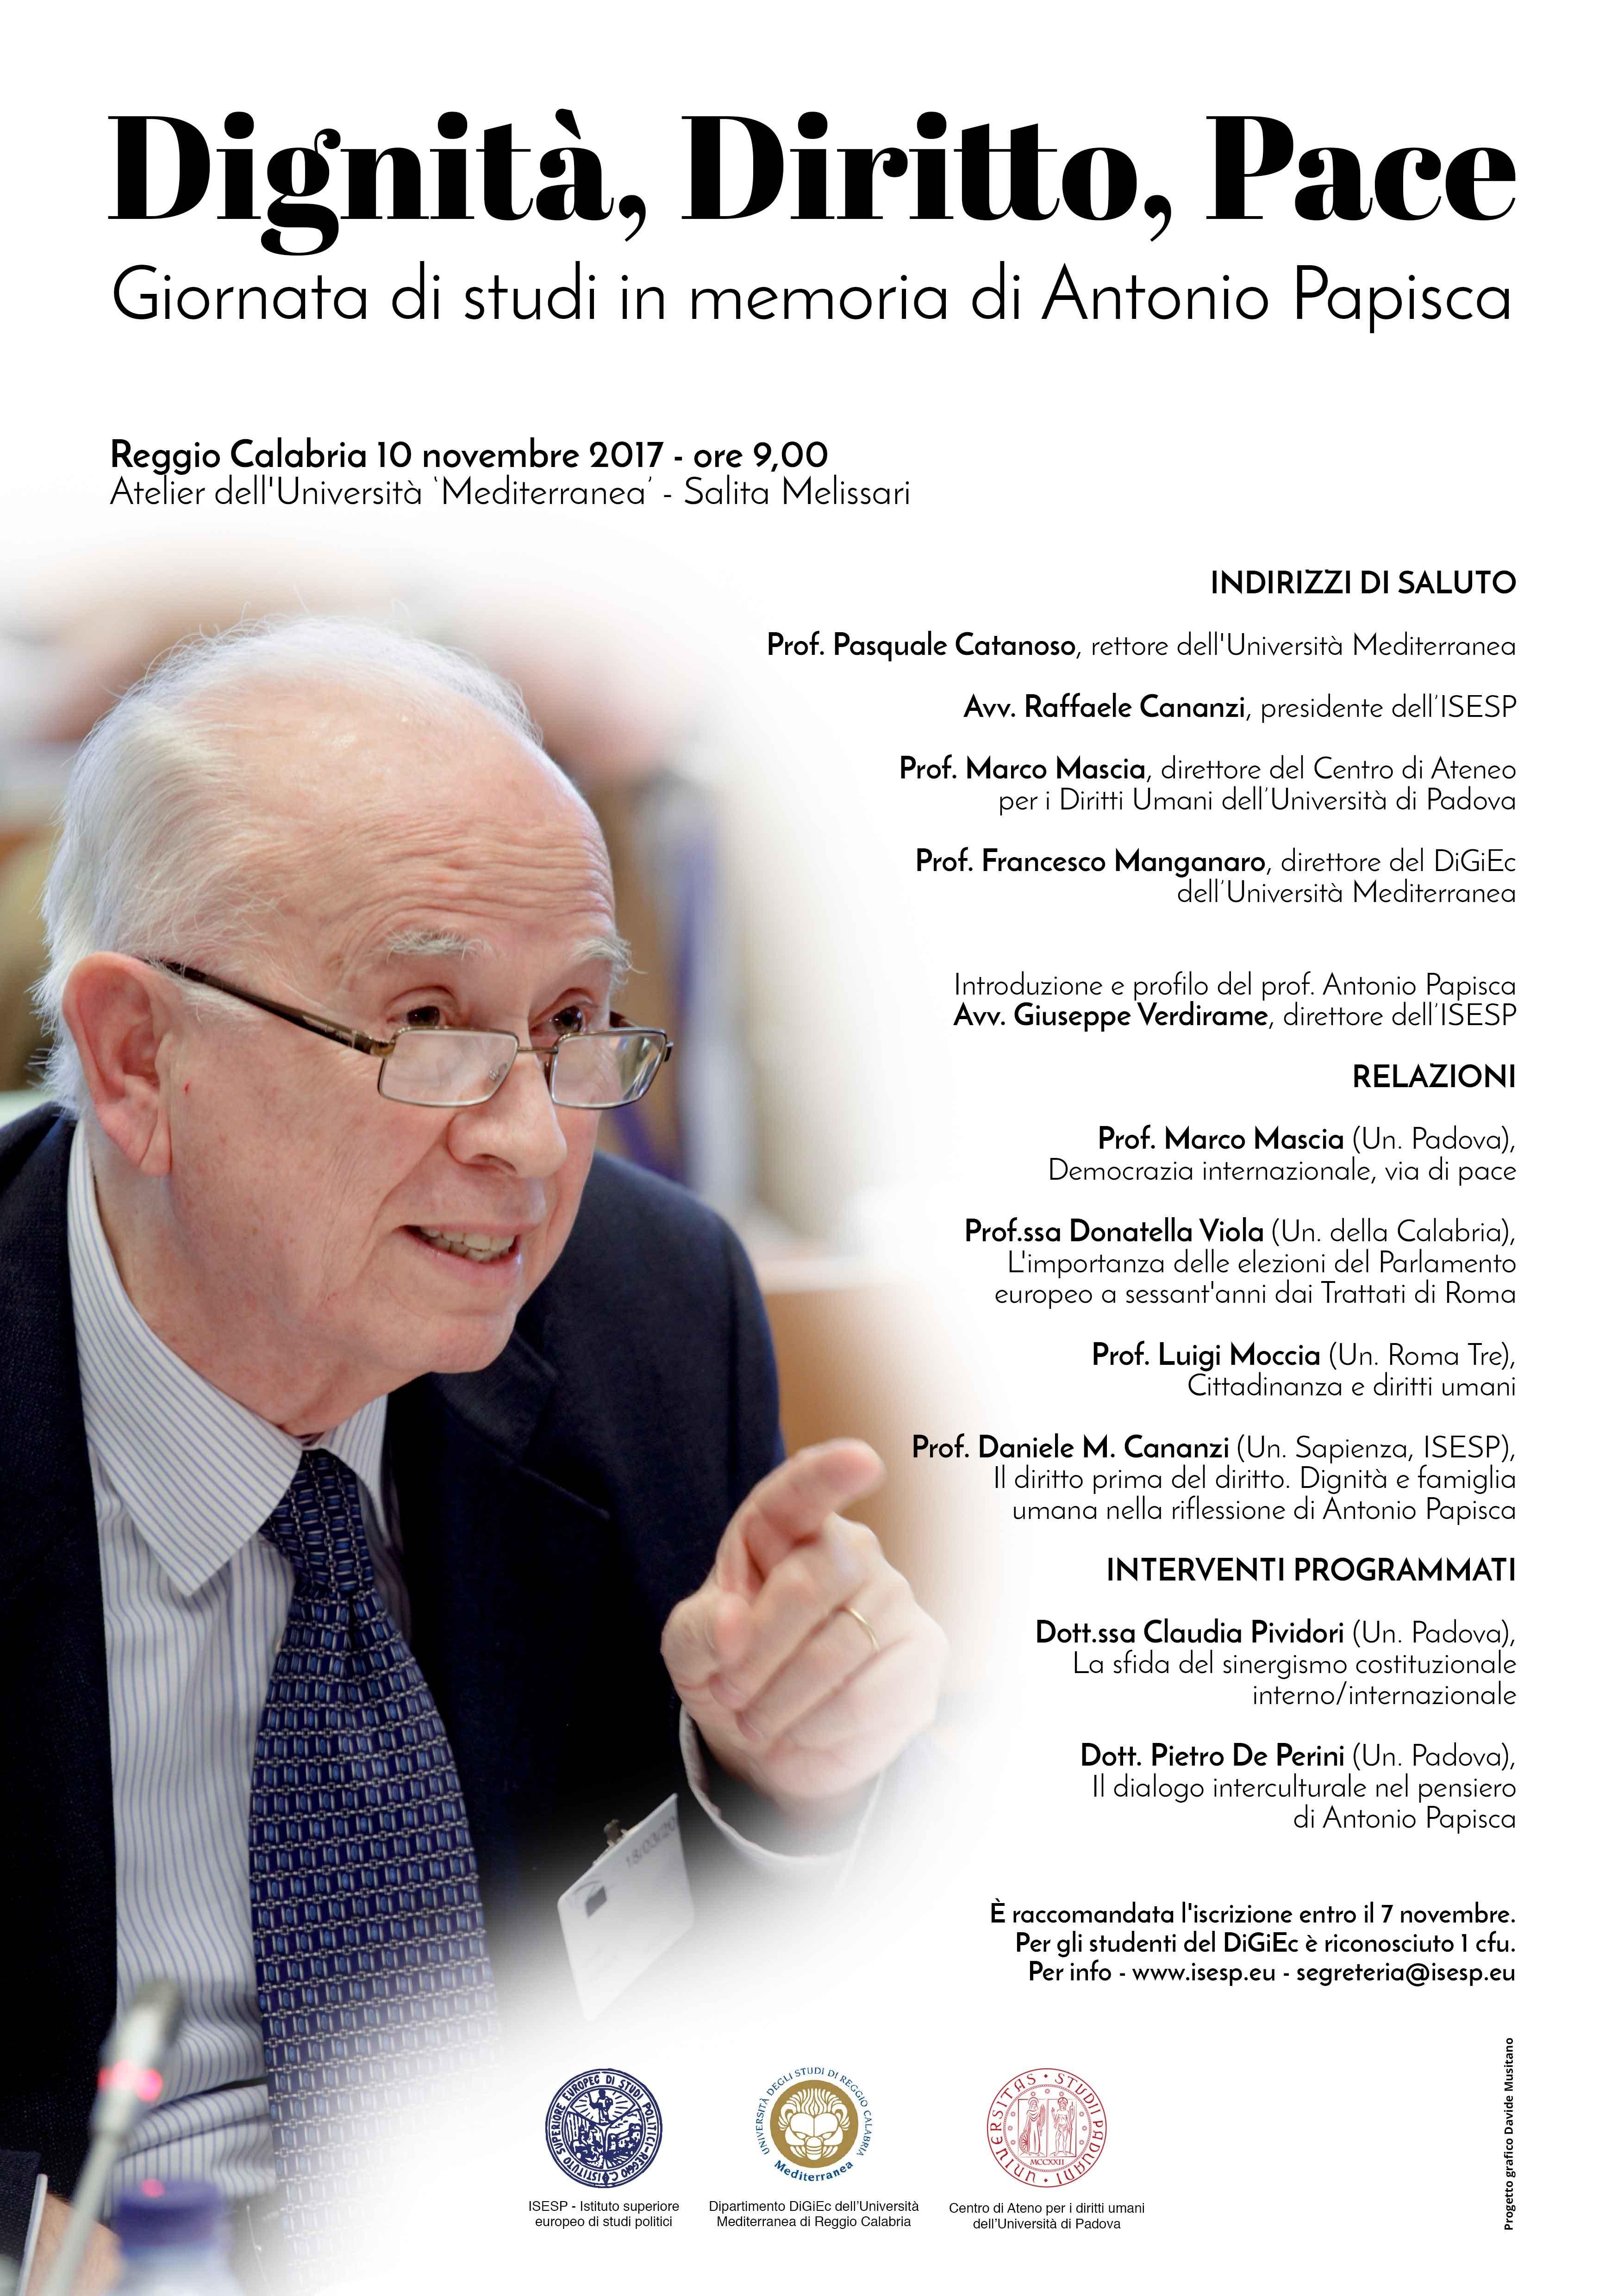 Dignità, Diritto, Pace. Giornata di studi in memoria di Antonio Papisca, Università Mediterranea, Reggio Calabria, 10 novembre 2017